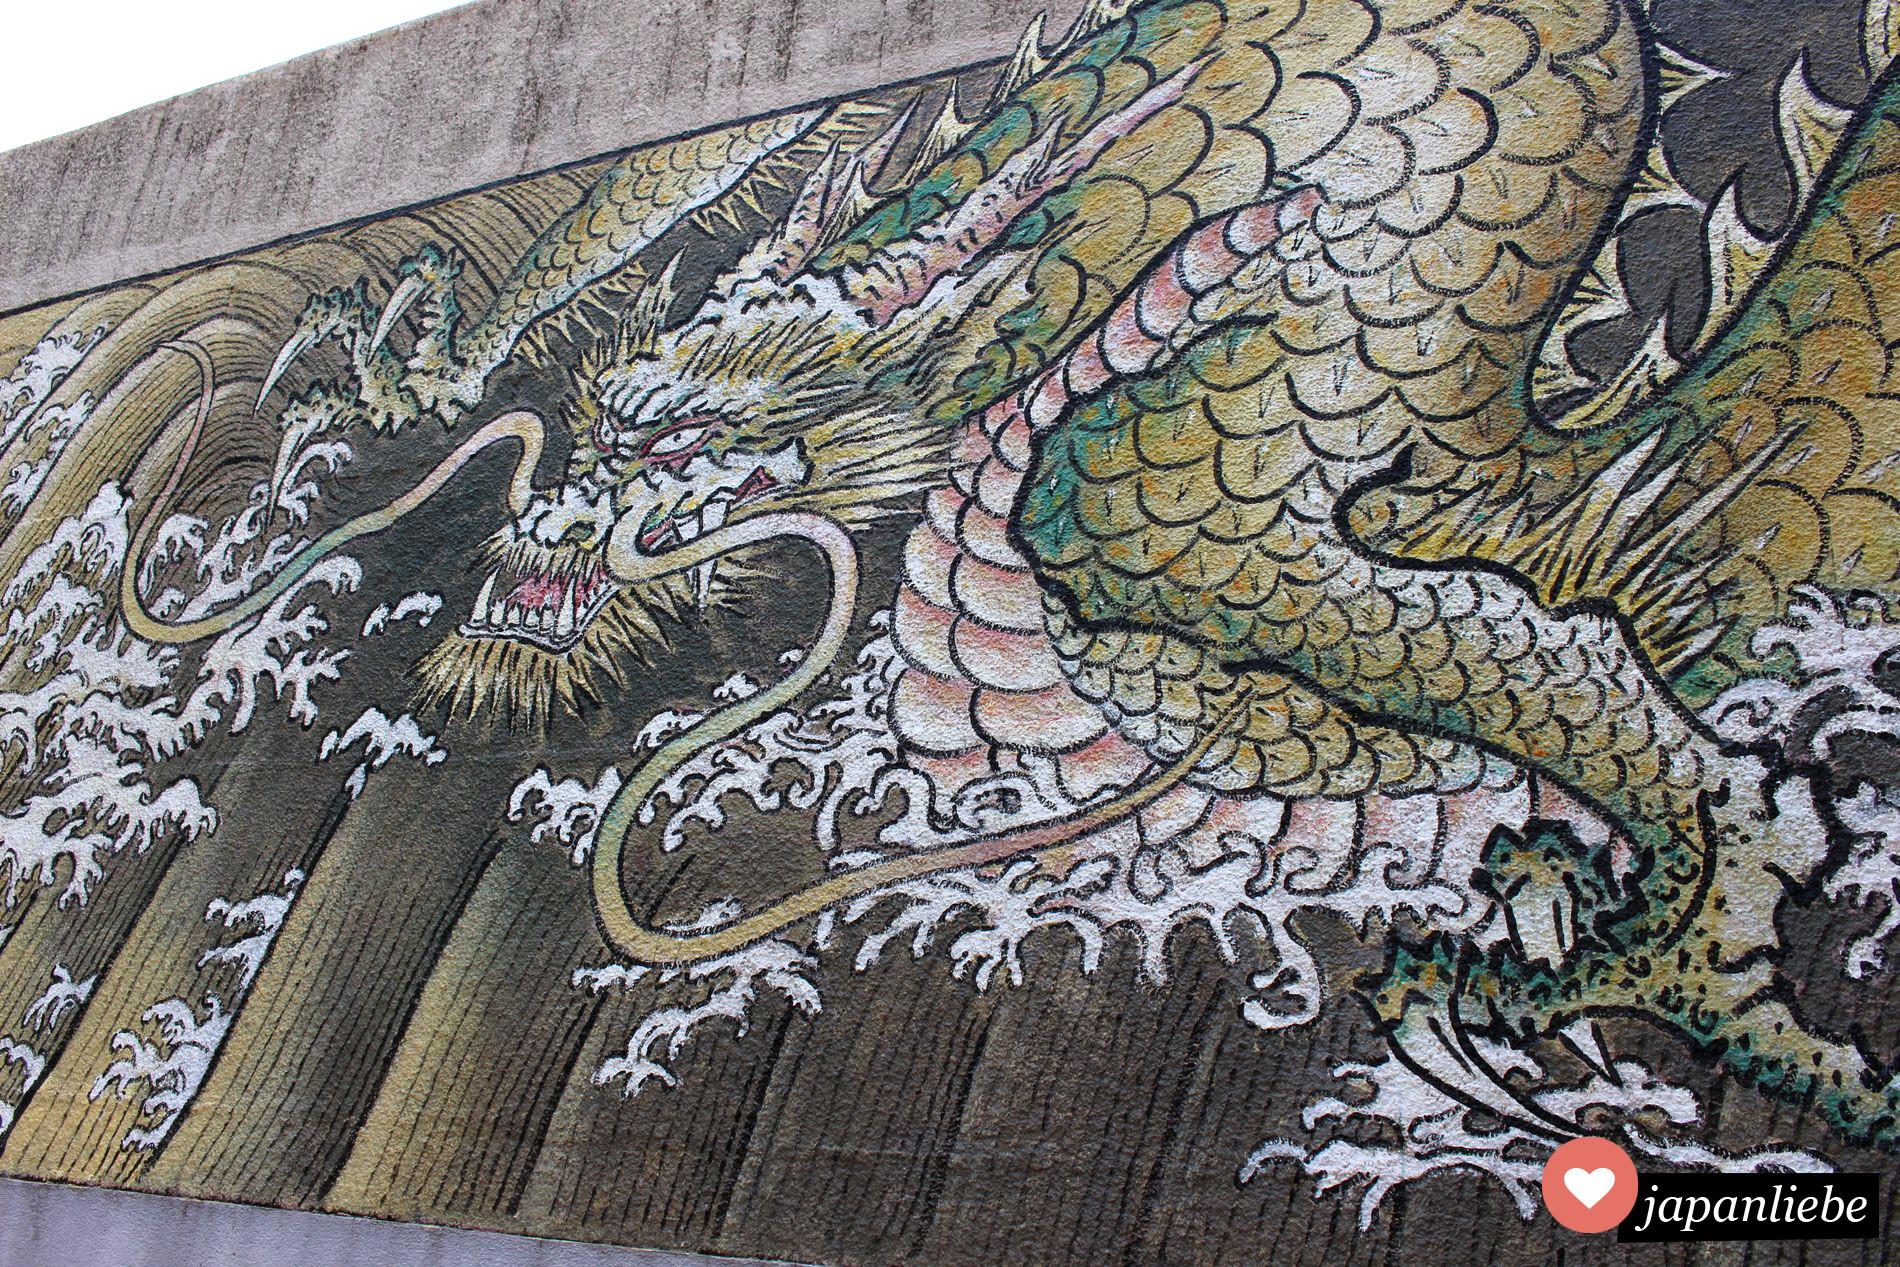 Streetart in Hiroshima: ein Drache im japanischen Stil.